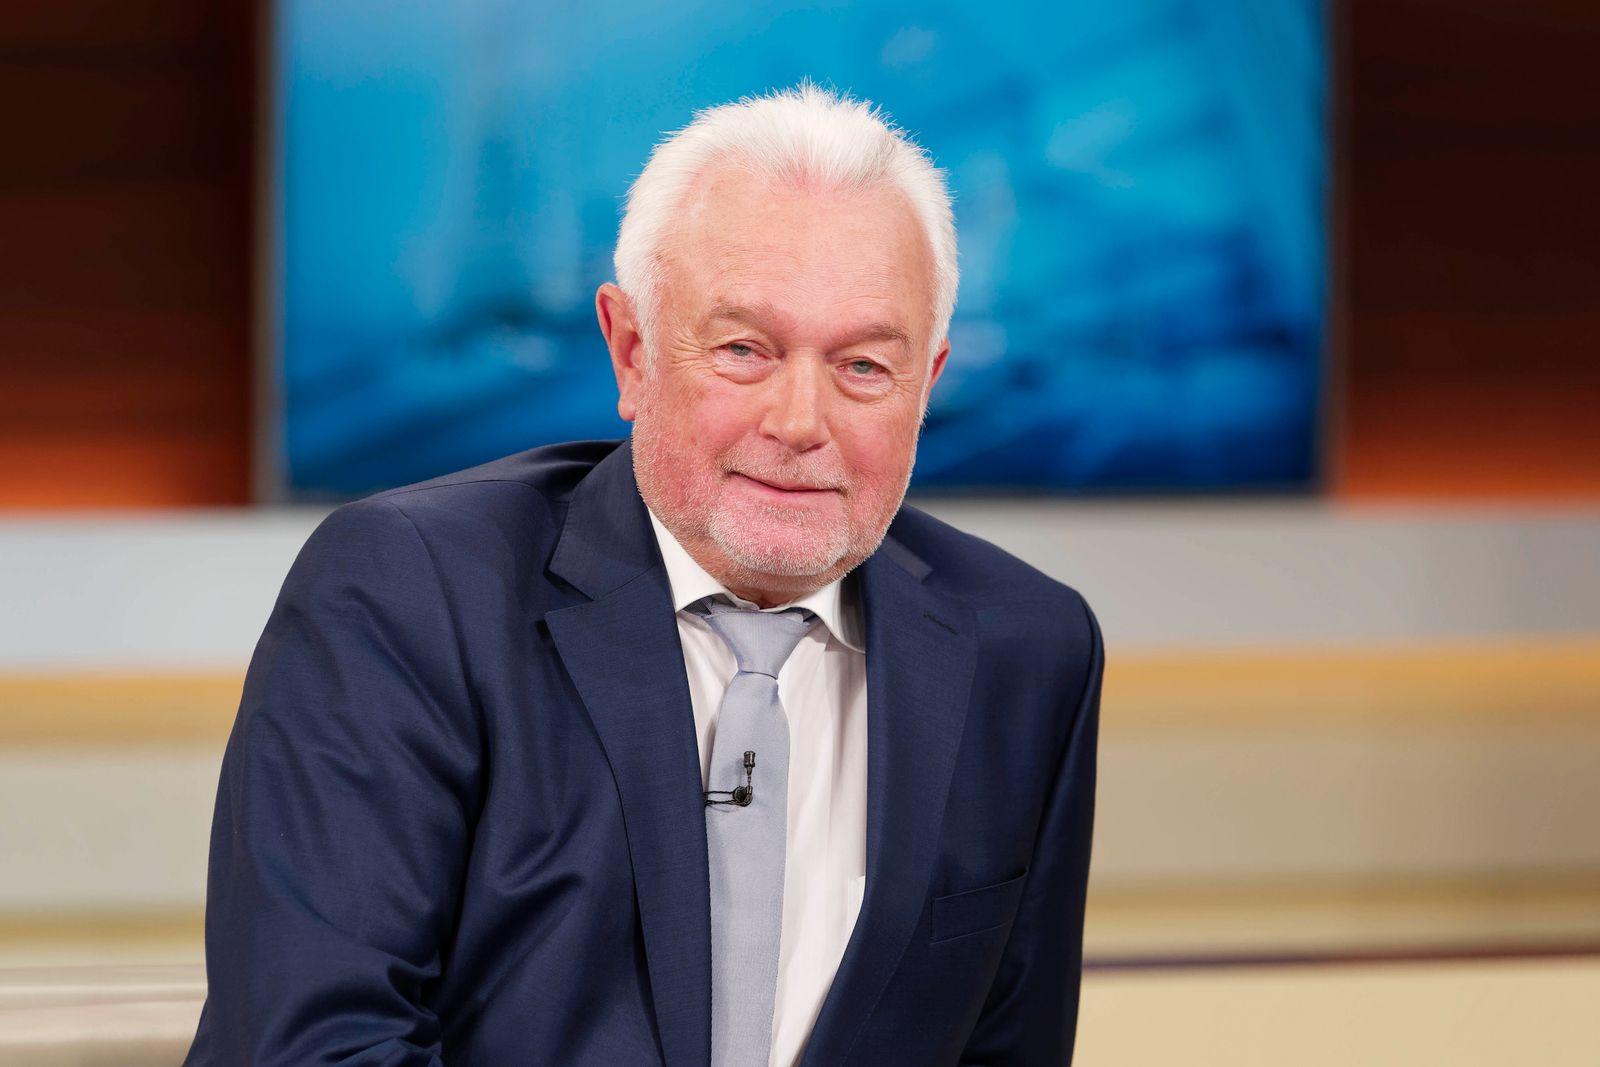 Wolfgang Kubicki 2020-05-10, Berlin, Deutschland - Wolfgang Kubicki (FDP), stellvertretender Bundesvorsitzender, zu Gas